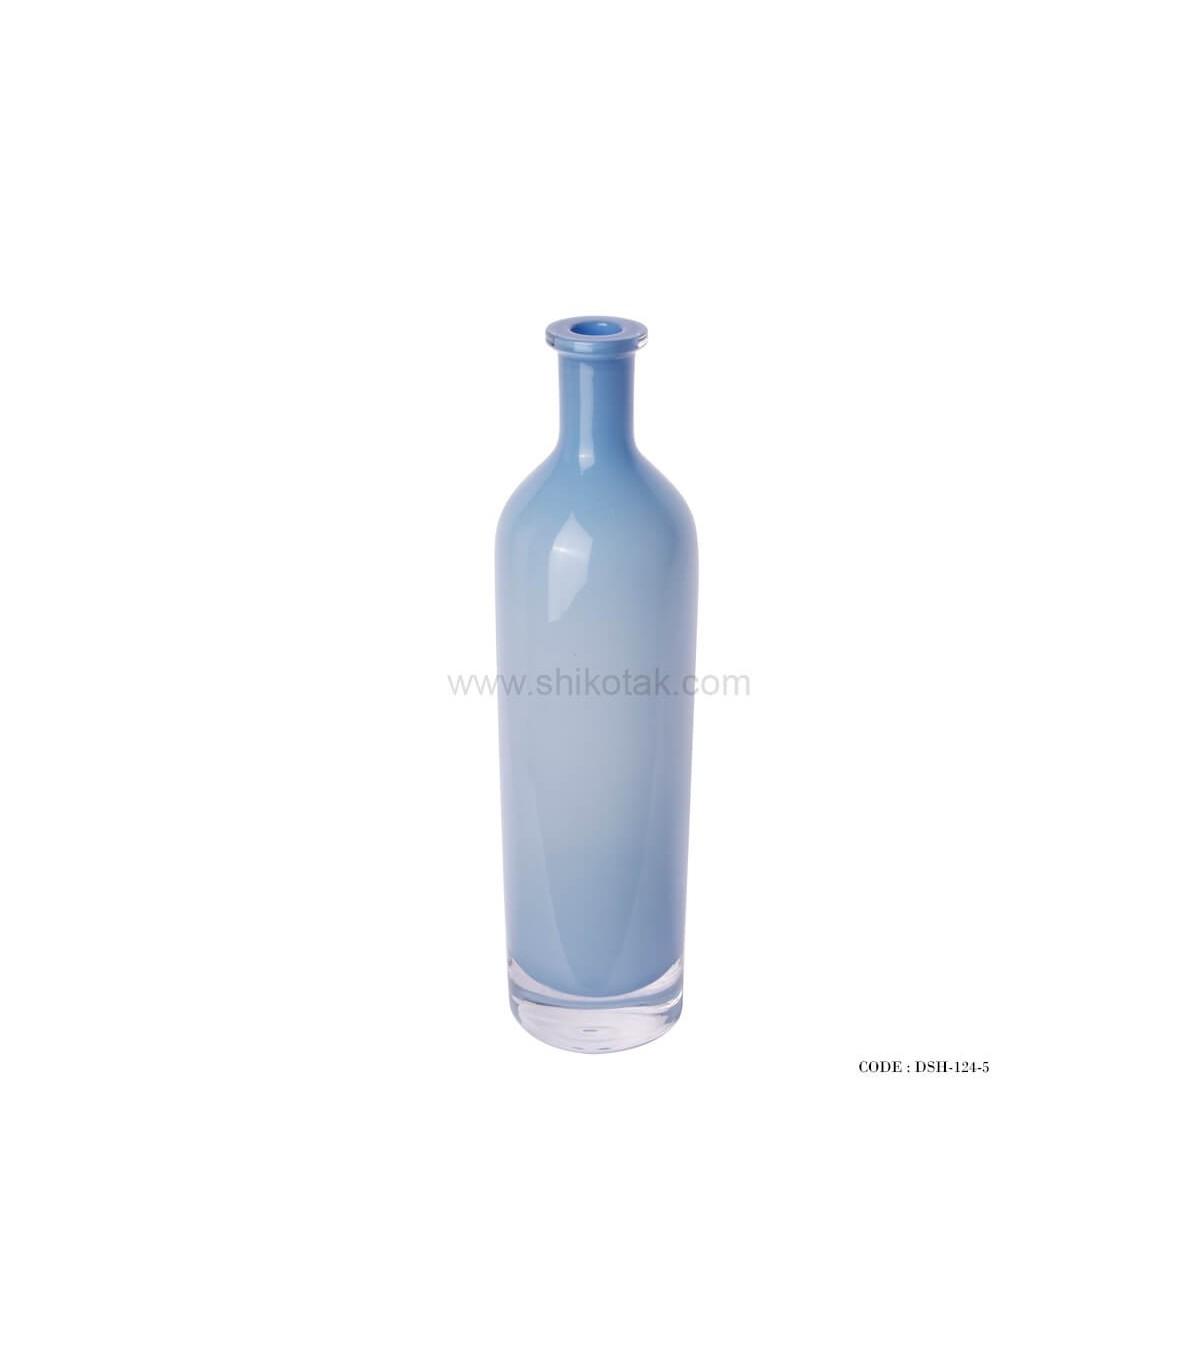 گلدان شیشه ای ایکیا رومیزی